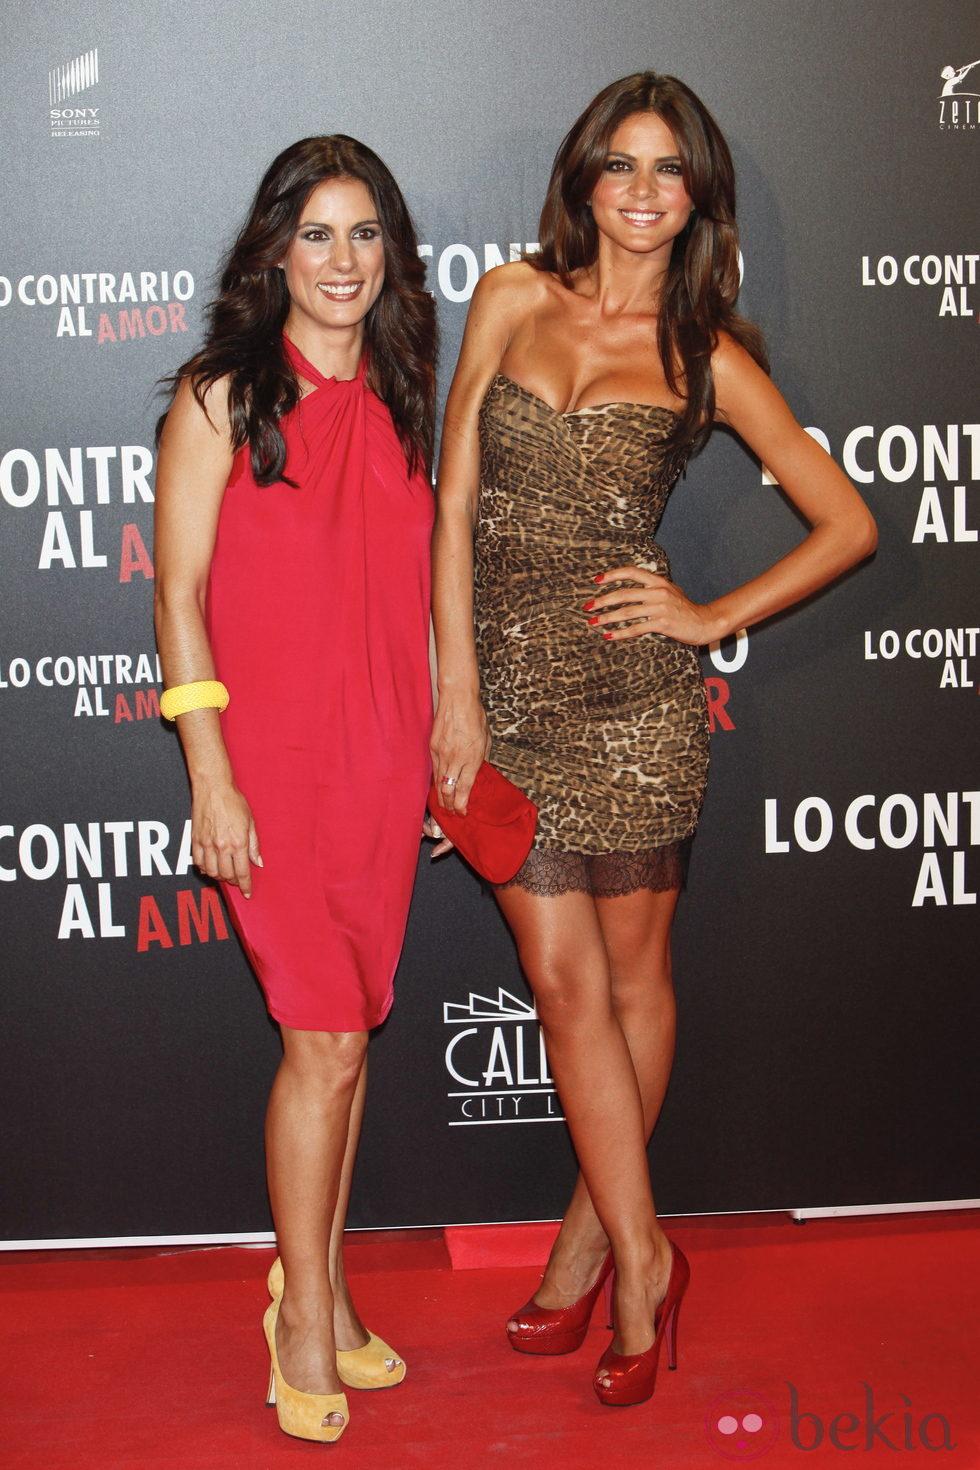 Anterior Alicia Senovilla y Romina Belluscio en el estreno de 'Lo contrario al amor'